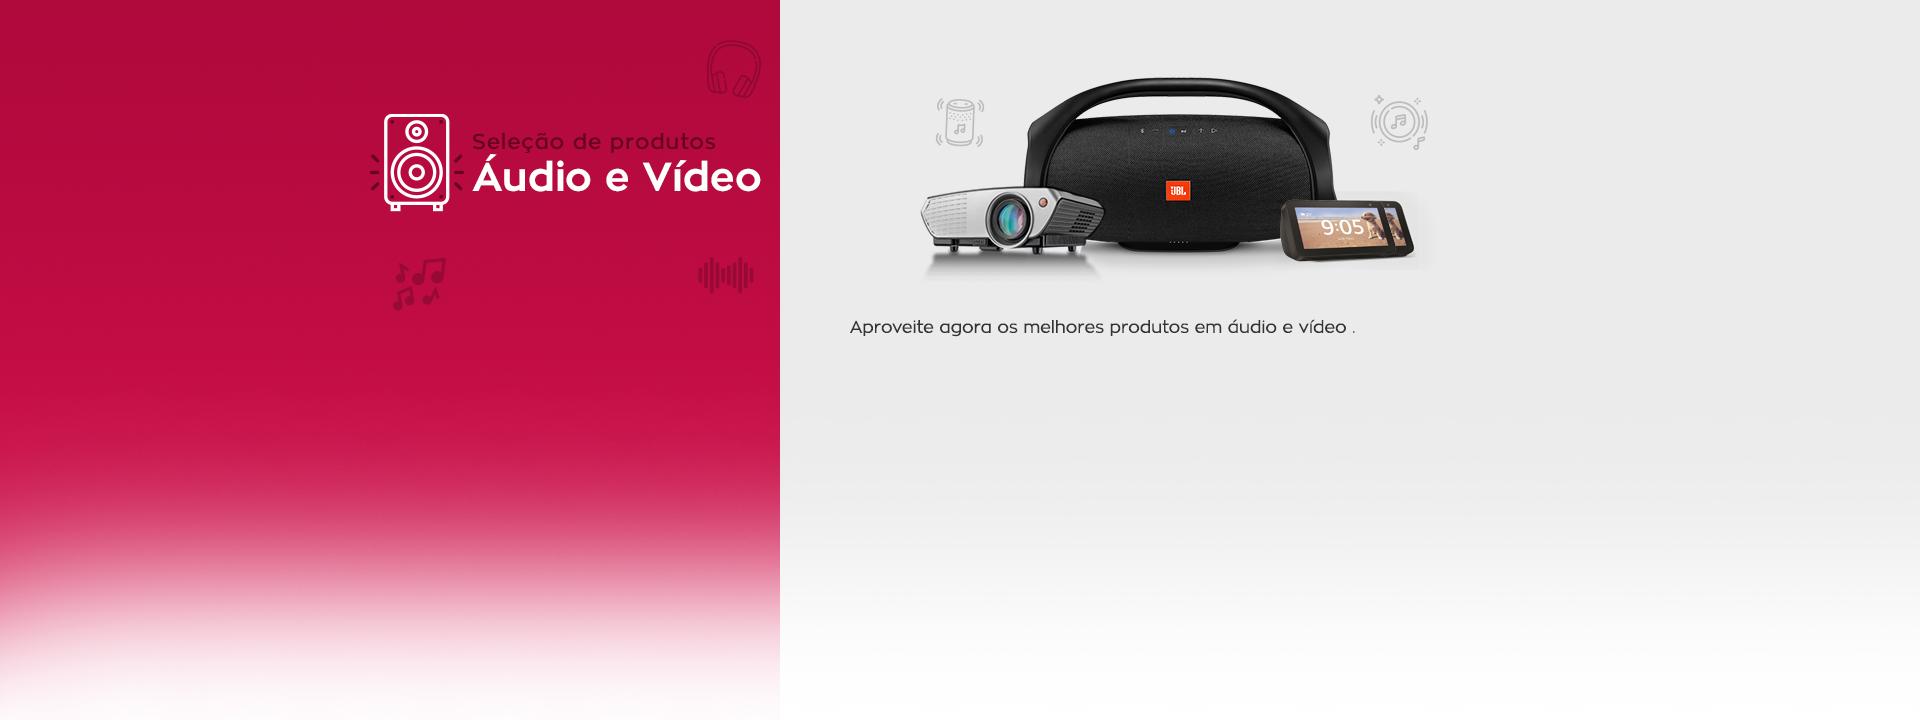 Categoria audio e video